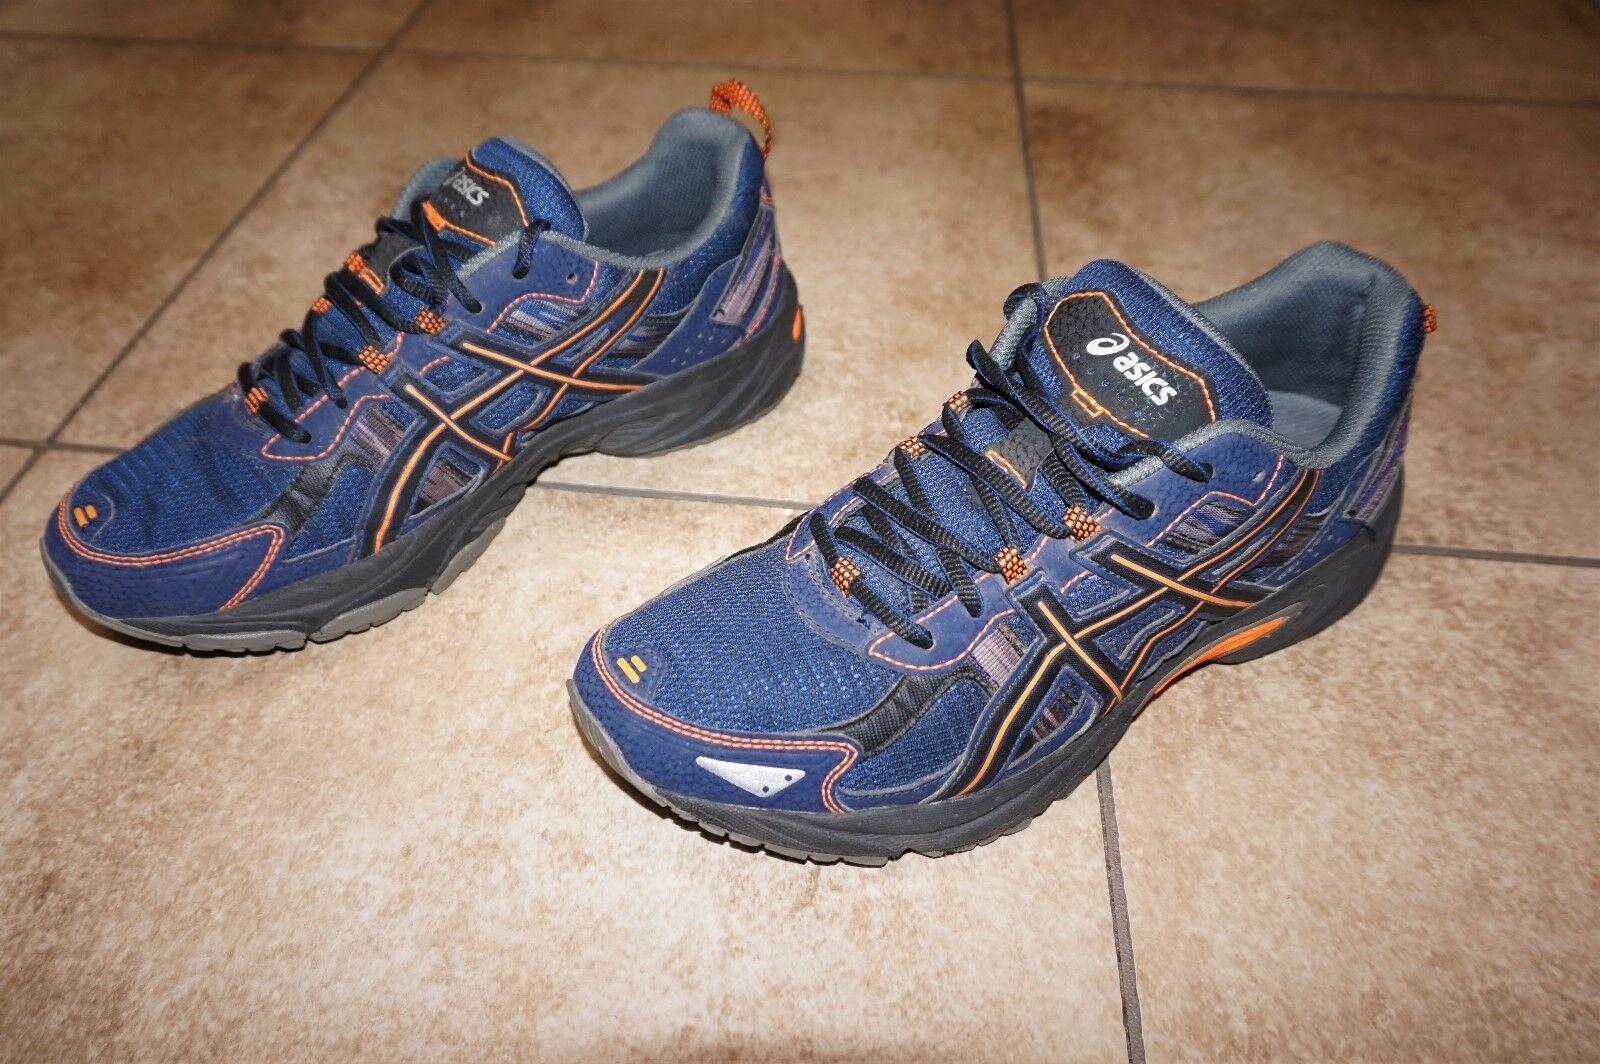 Asics Gel-Venture 5 Trail Running Training schuhe Men's Größe 9